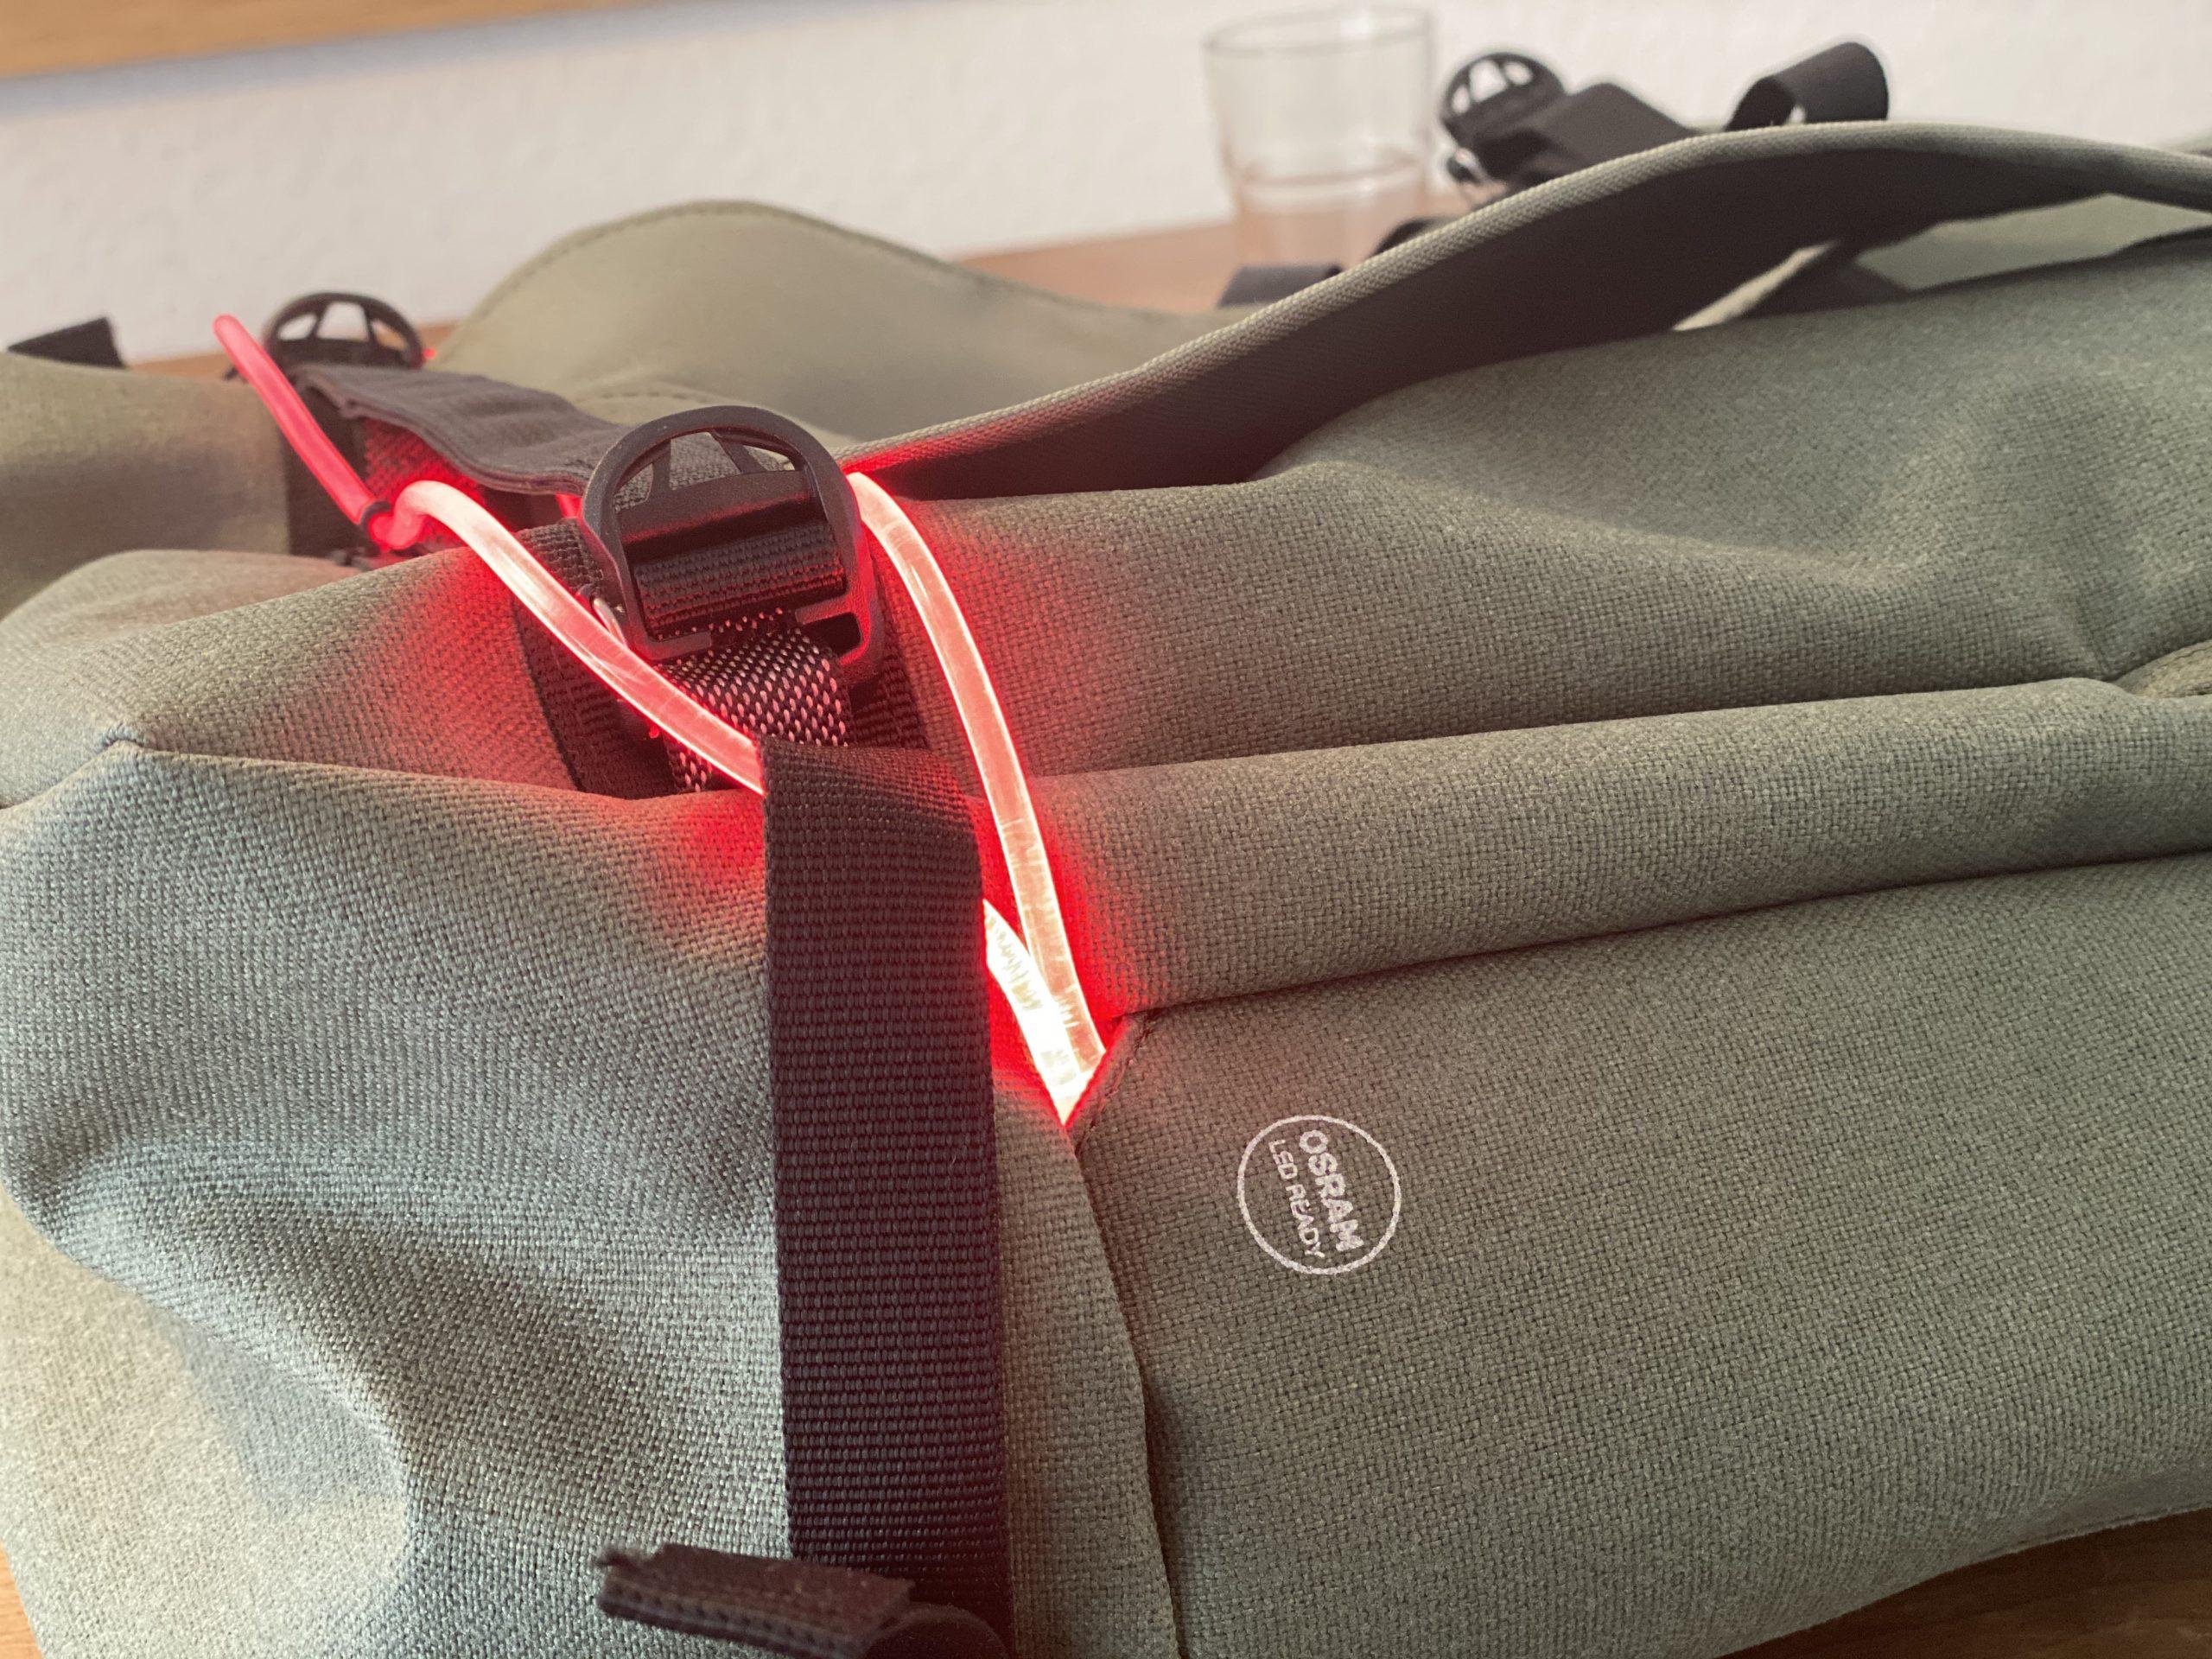 OSRAM LED im Rucksack - Rucksacklicht